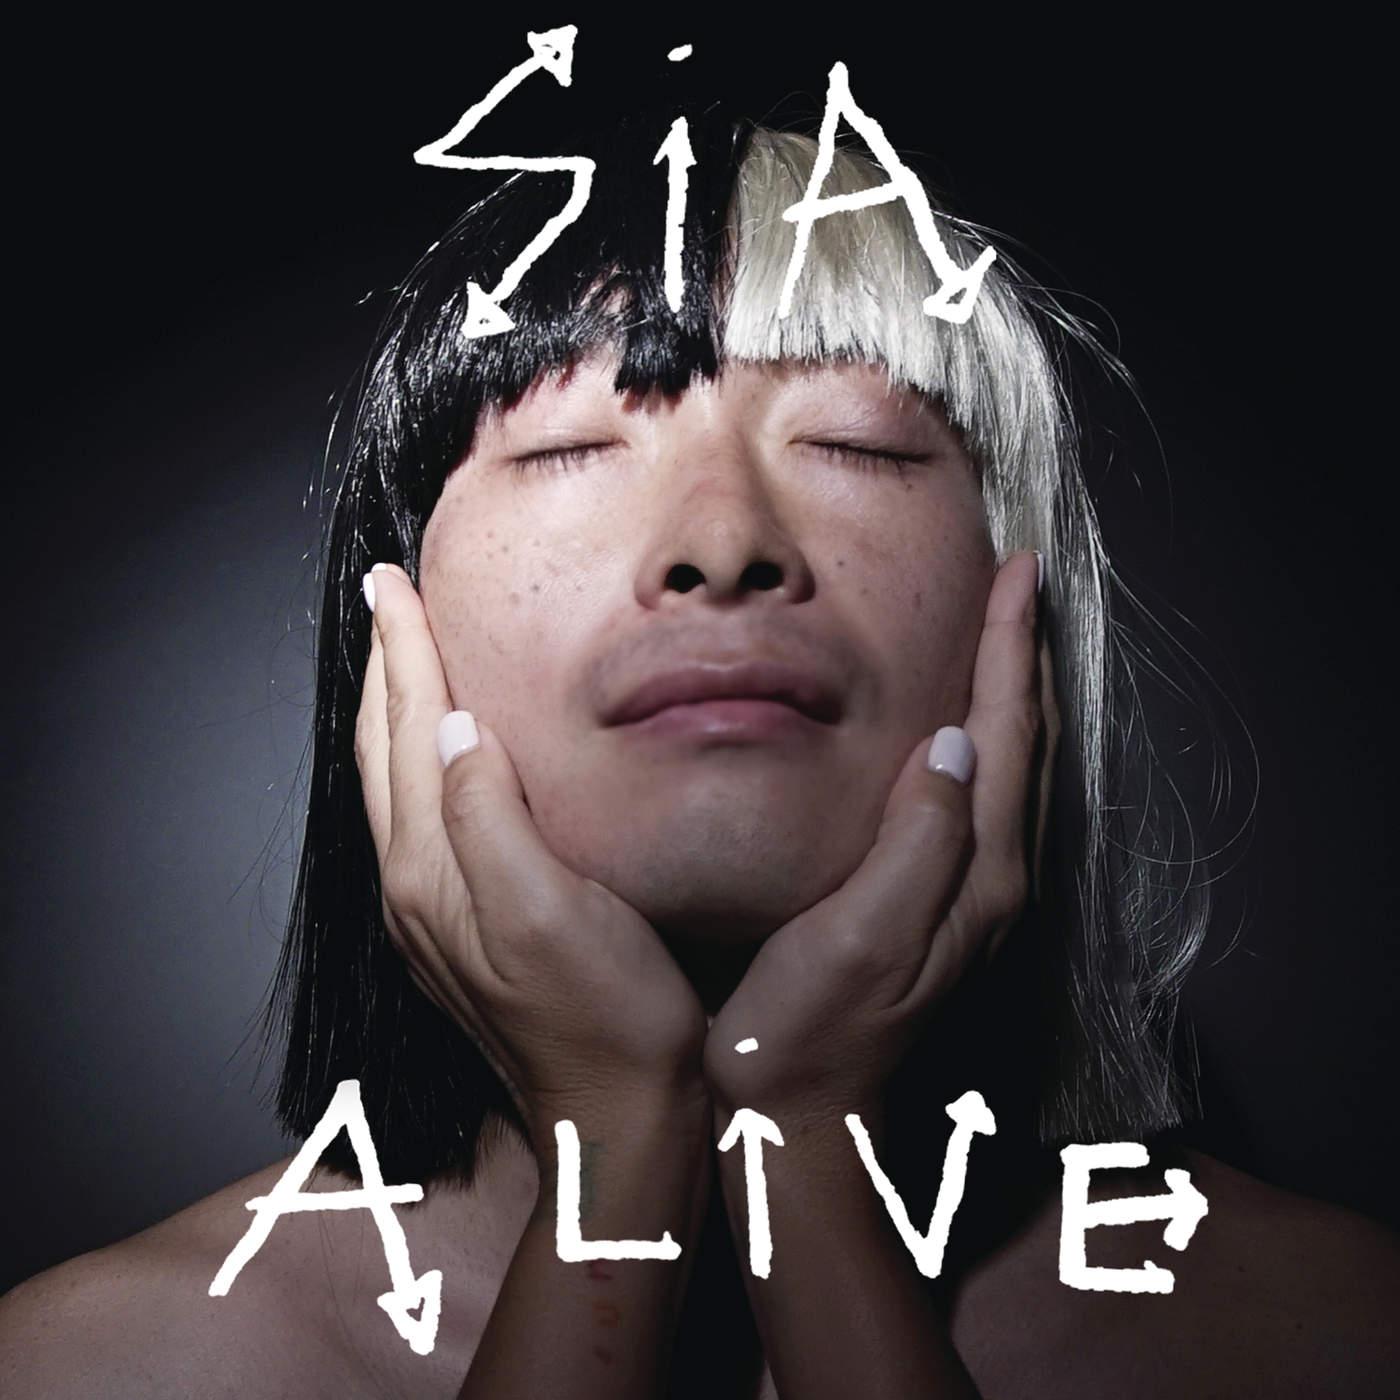 Sia - Alive - Single Cover